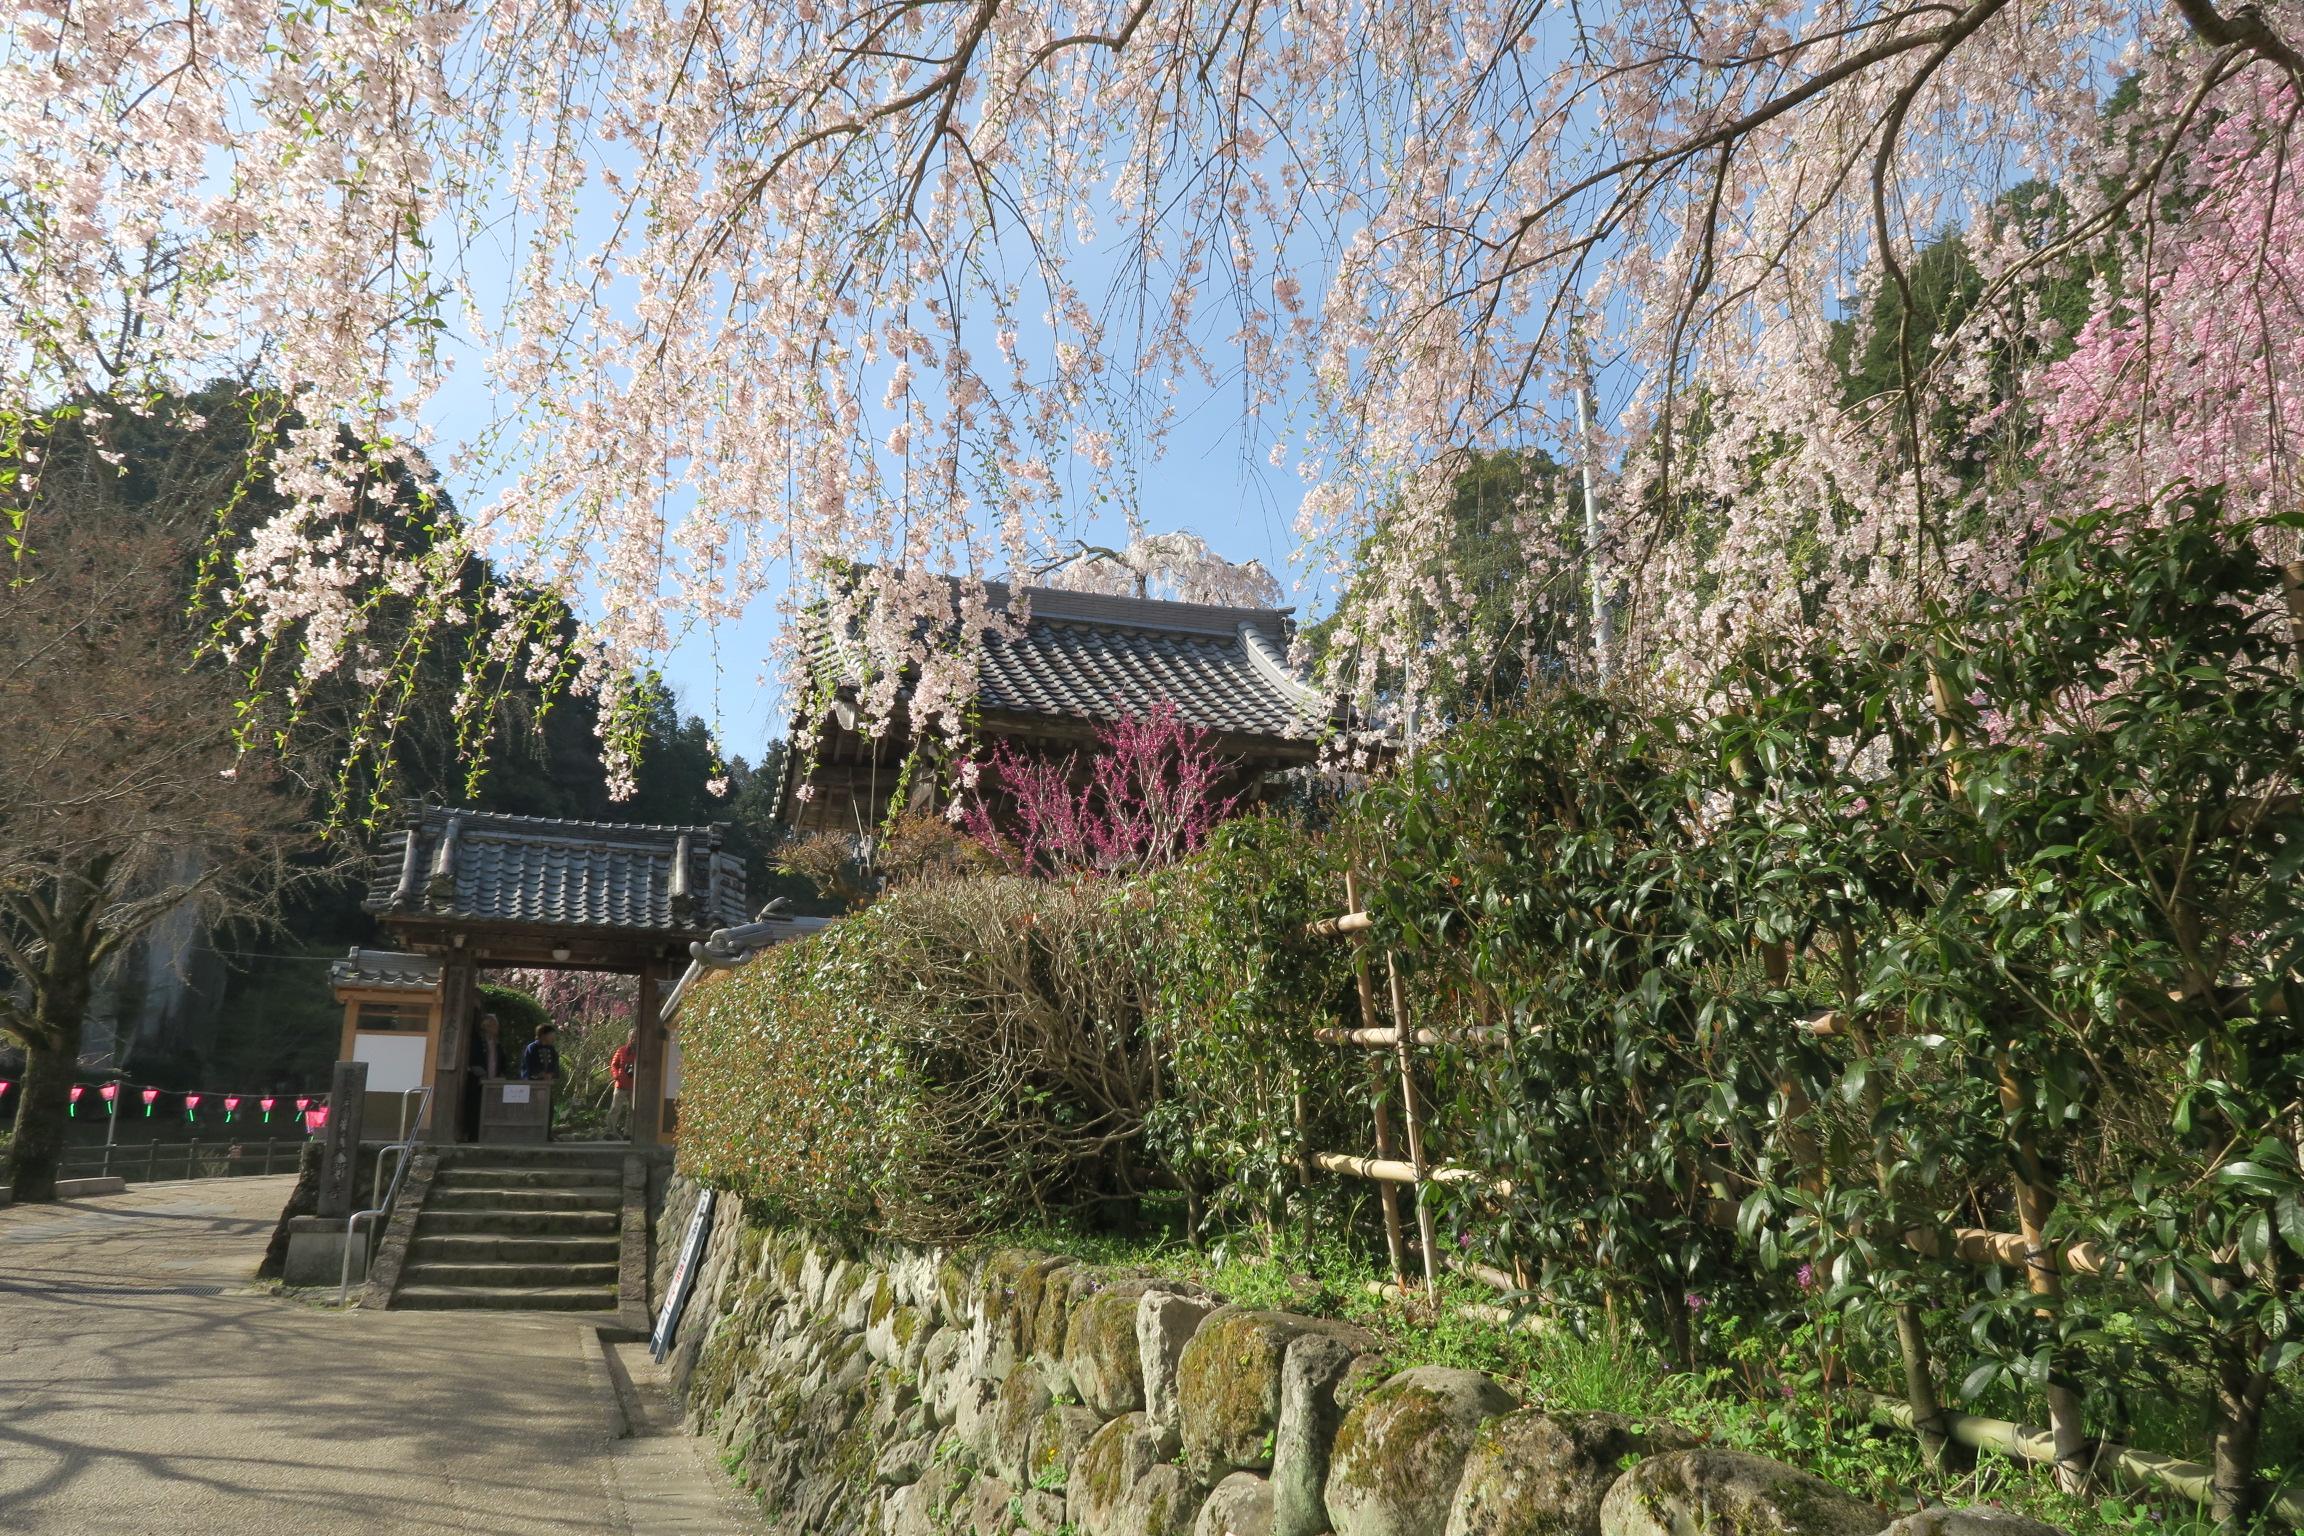 桜の季節はガスのかかったような天気が多い中で、青空が拡がりきれいな桜が楽しめました。